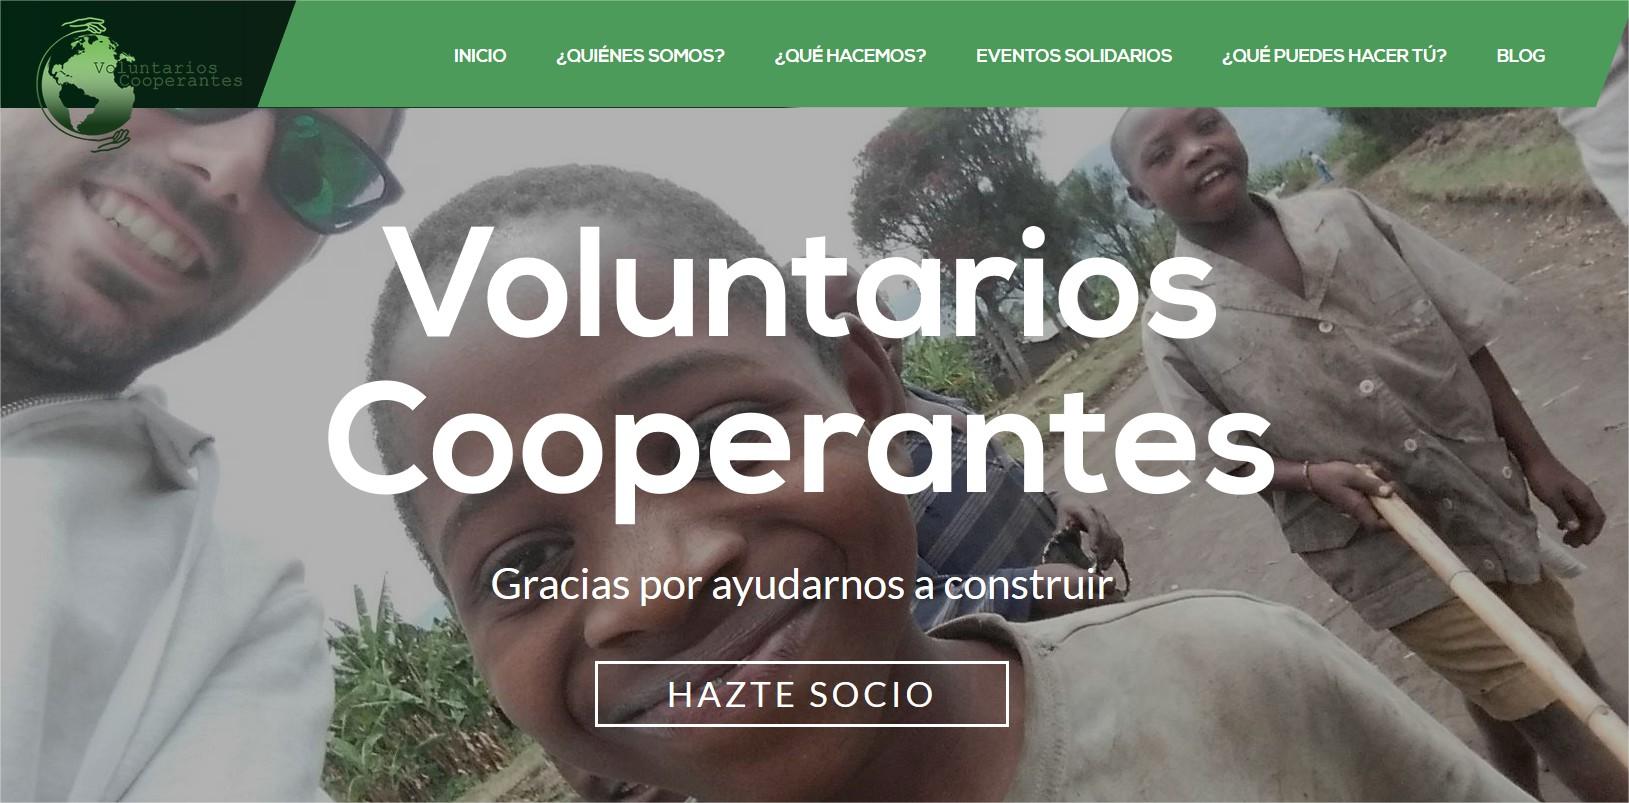 Asociación de Voluntarios Cooperantes ONG - Mozilla Firefox